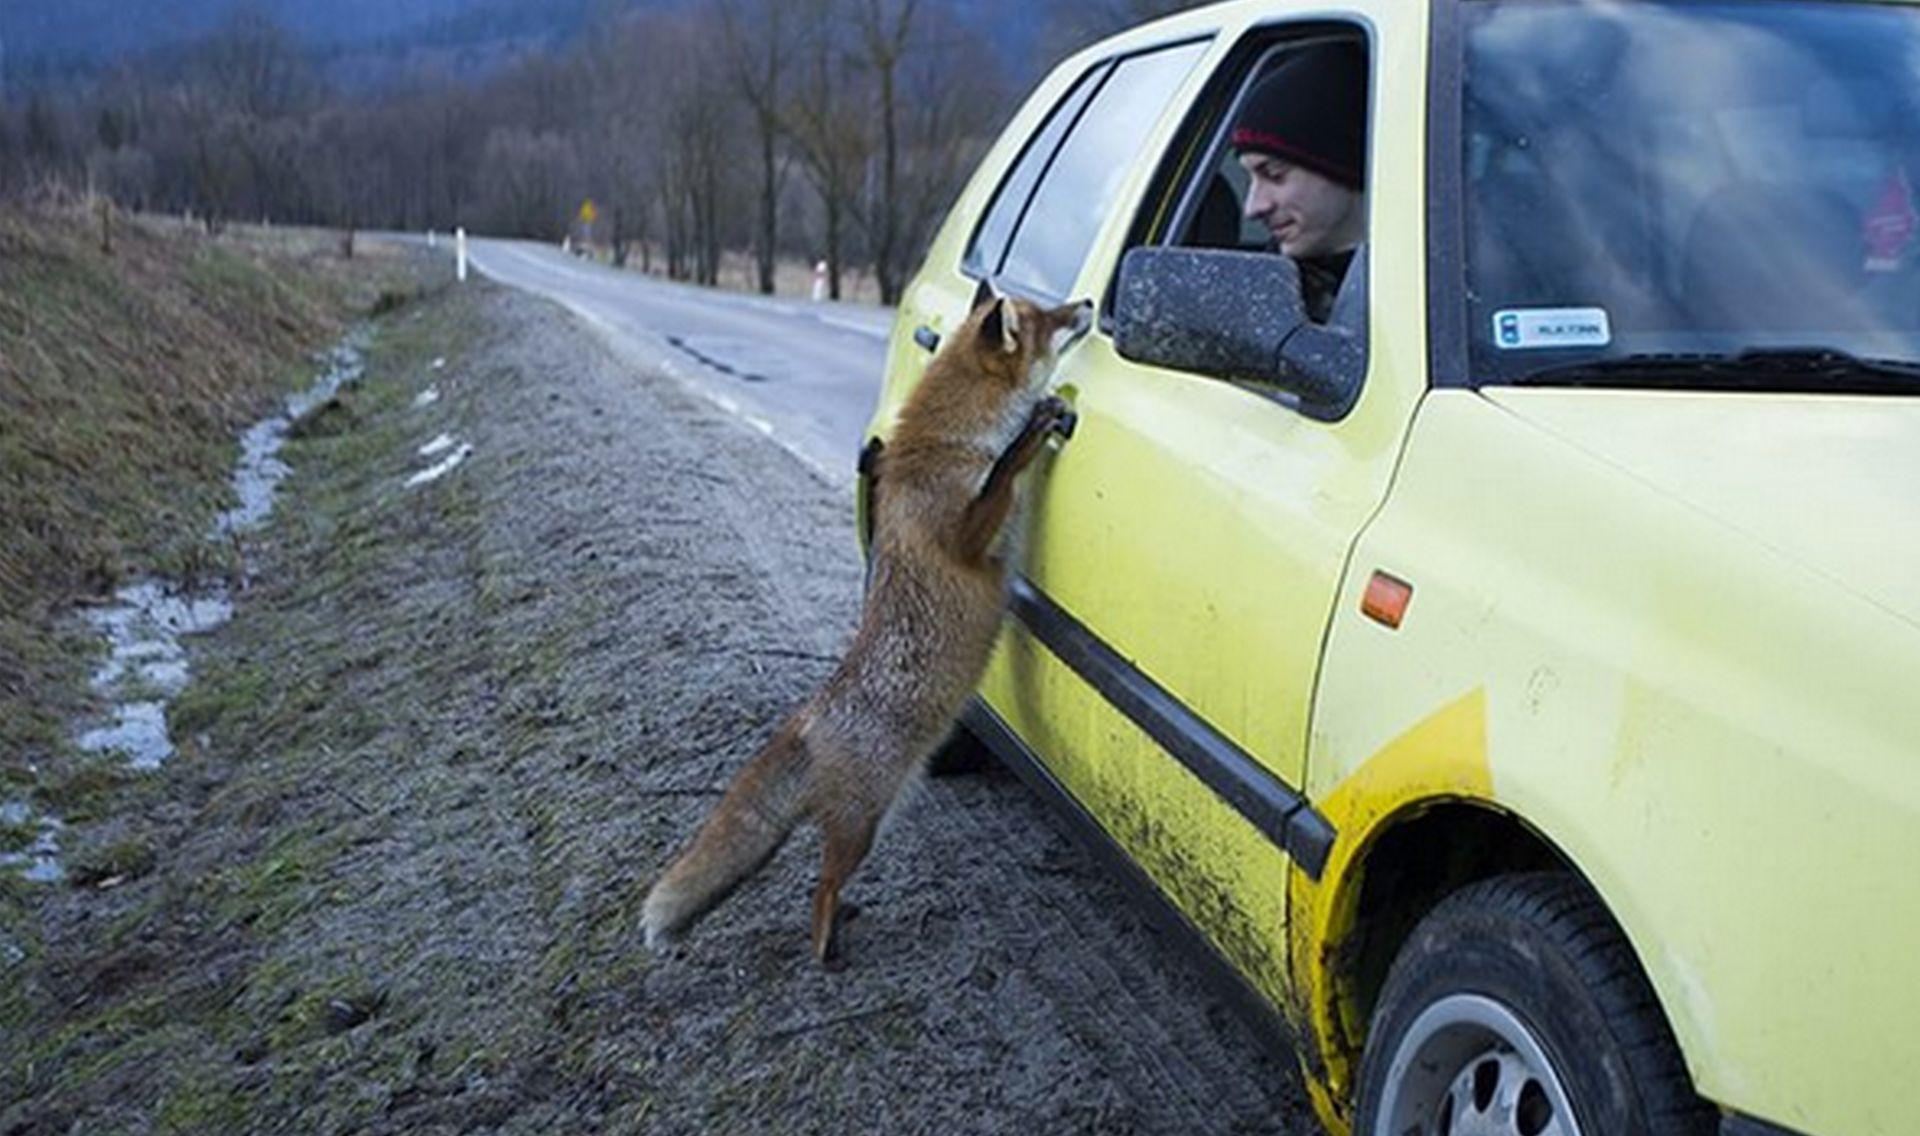 lis zagląda do golfa